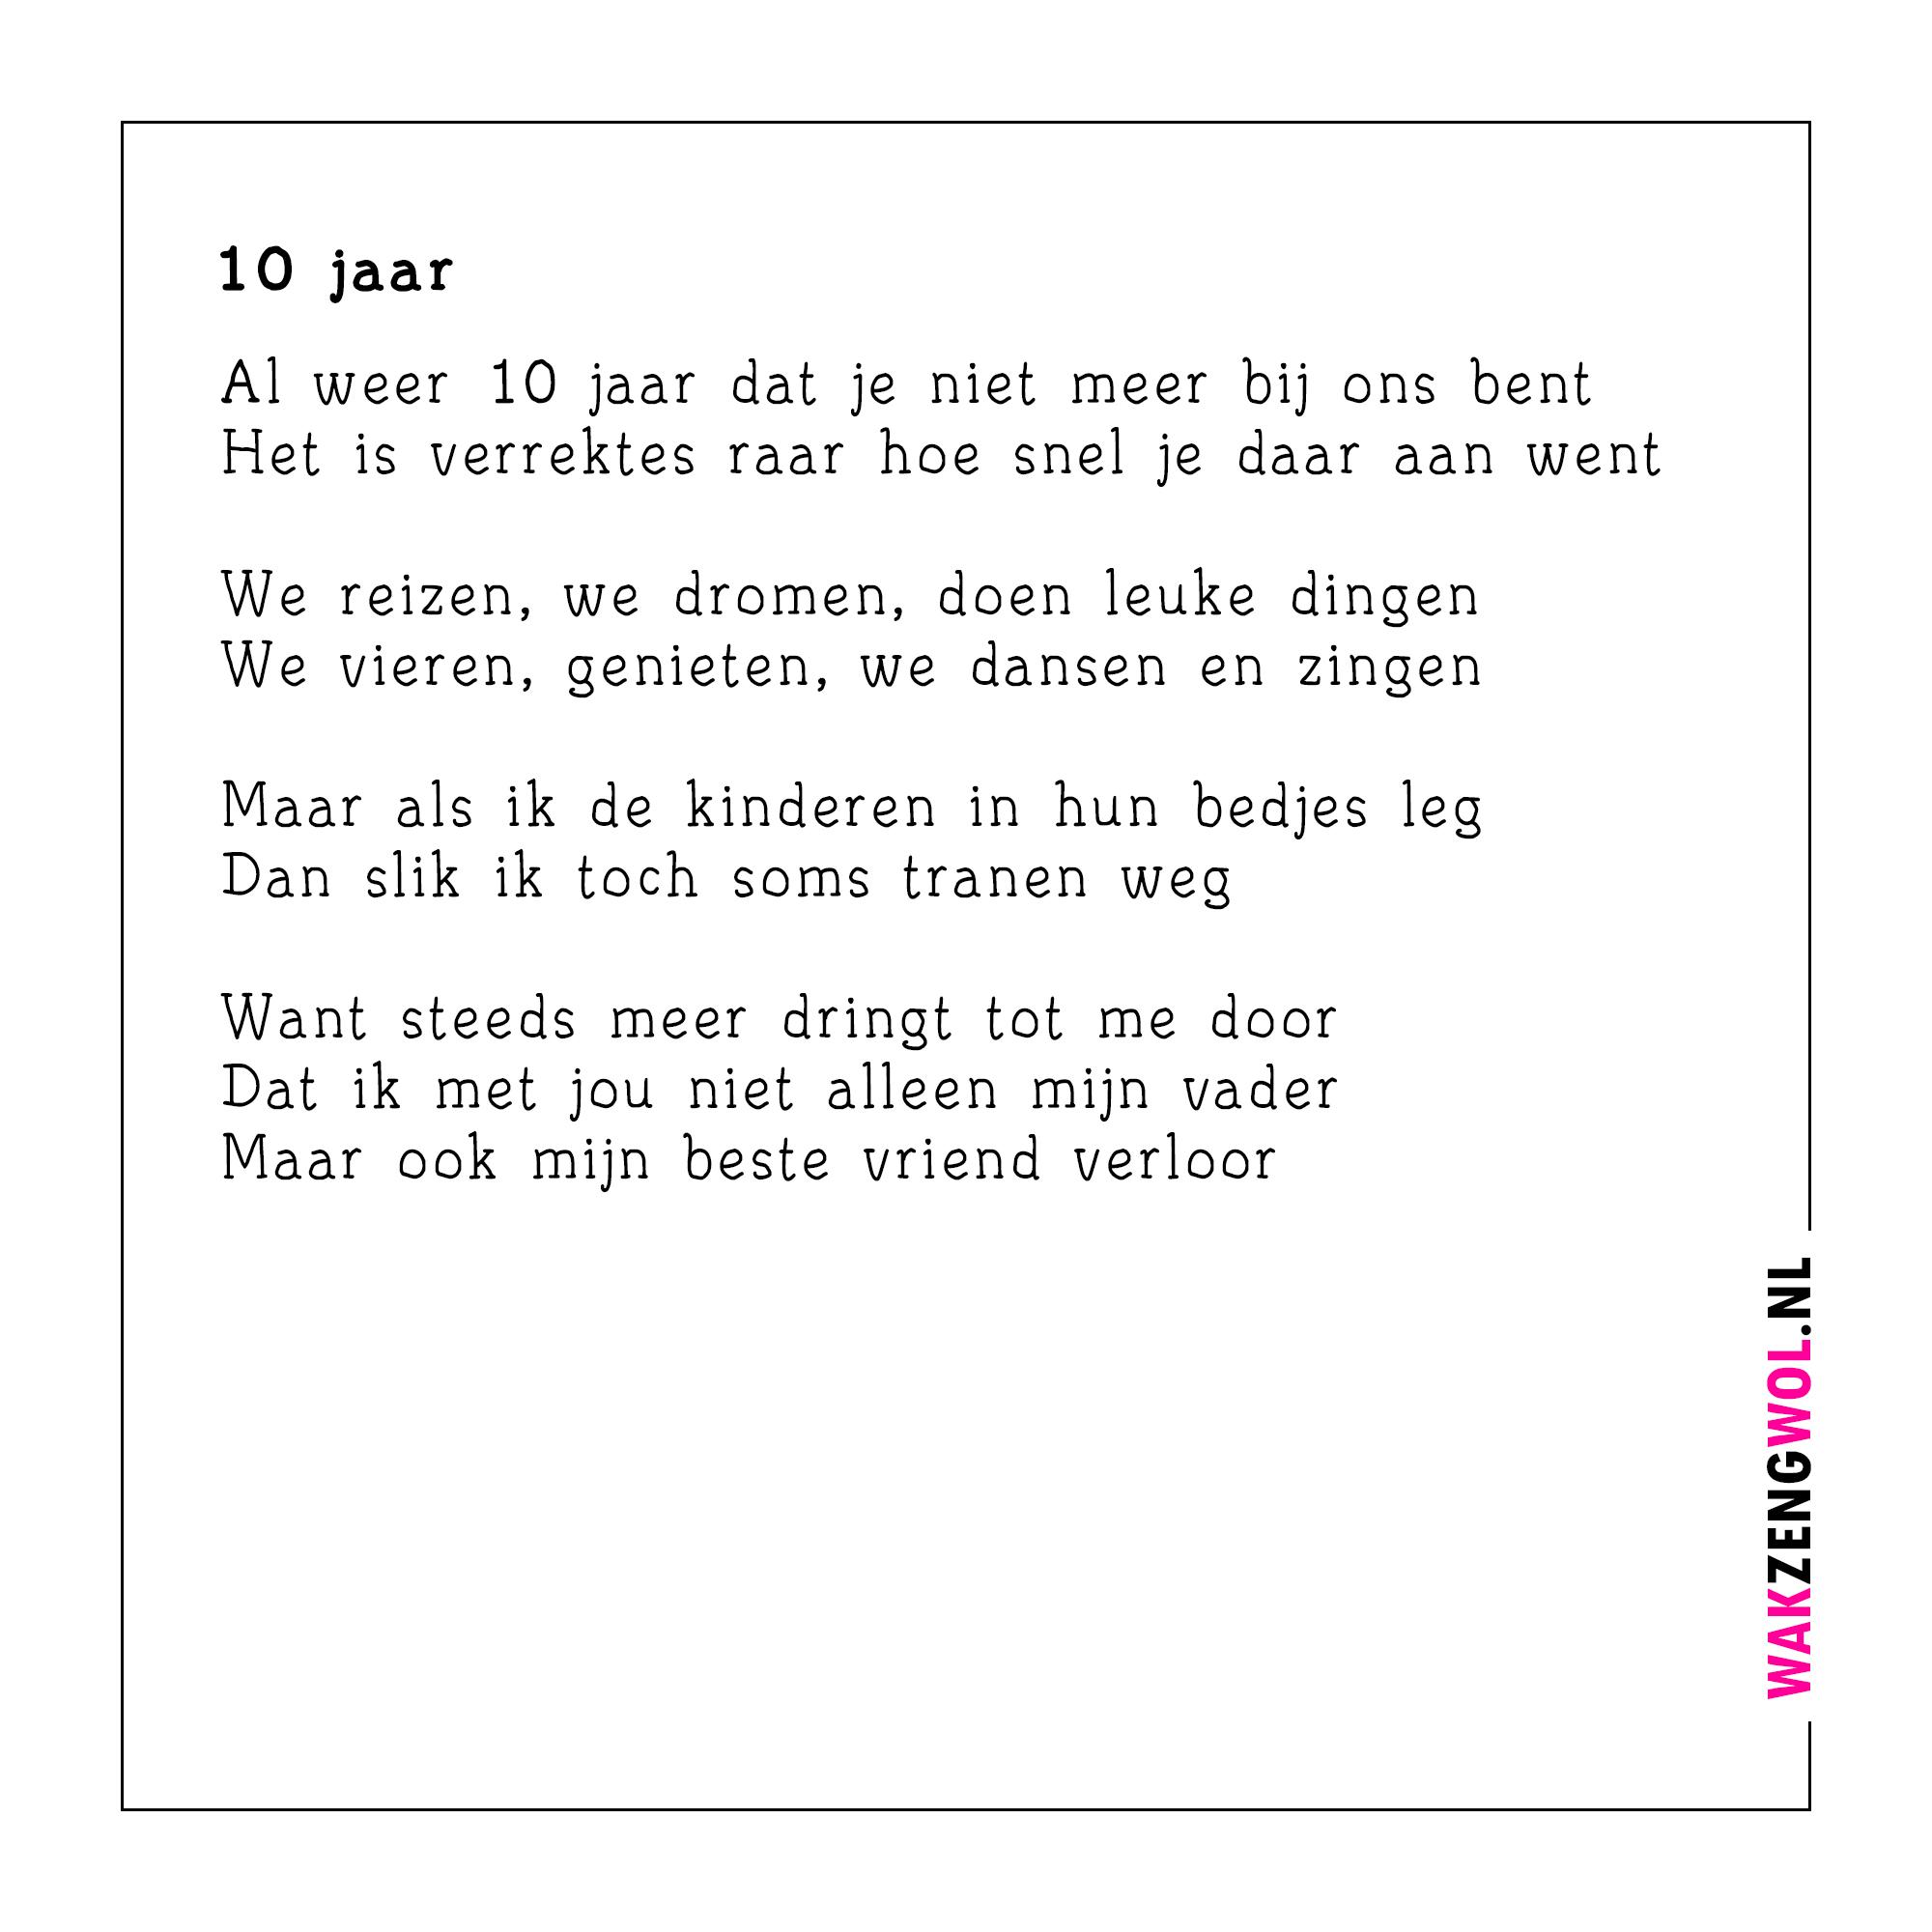 10 jarig jubileum gedicht Gedicht Voor 10 Jaar Getrouwd   ARCHIDEV 10 jarig jubileum gedicht